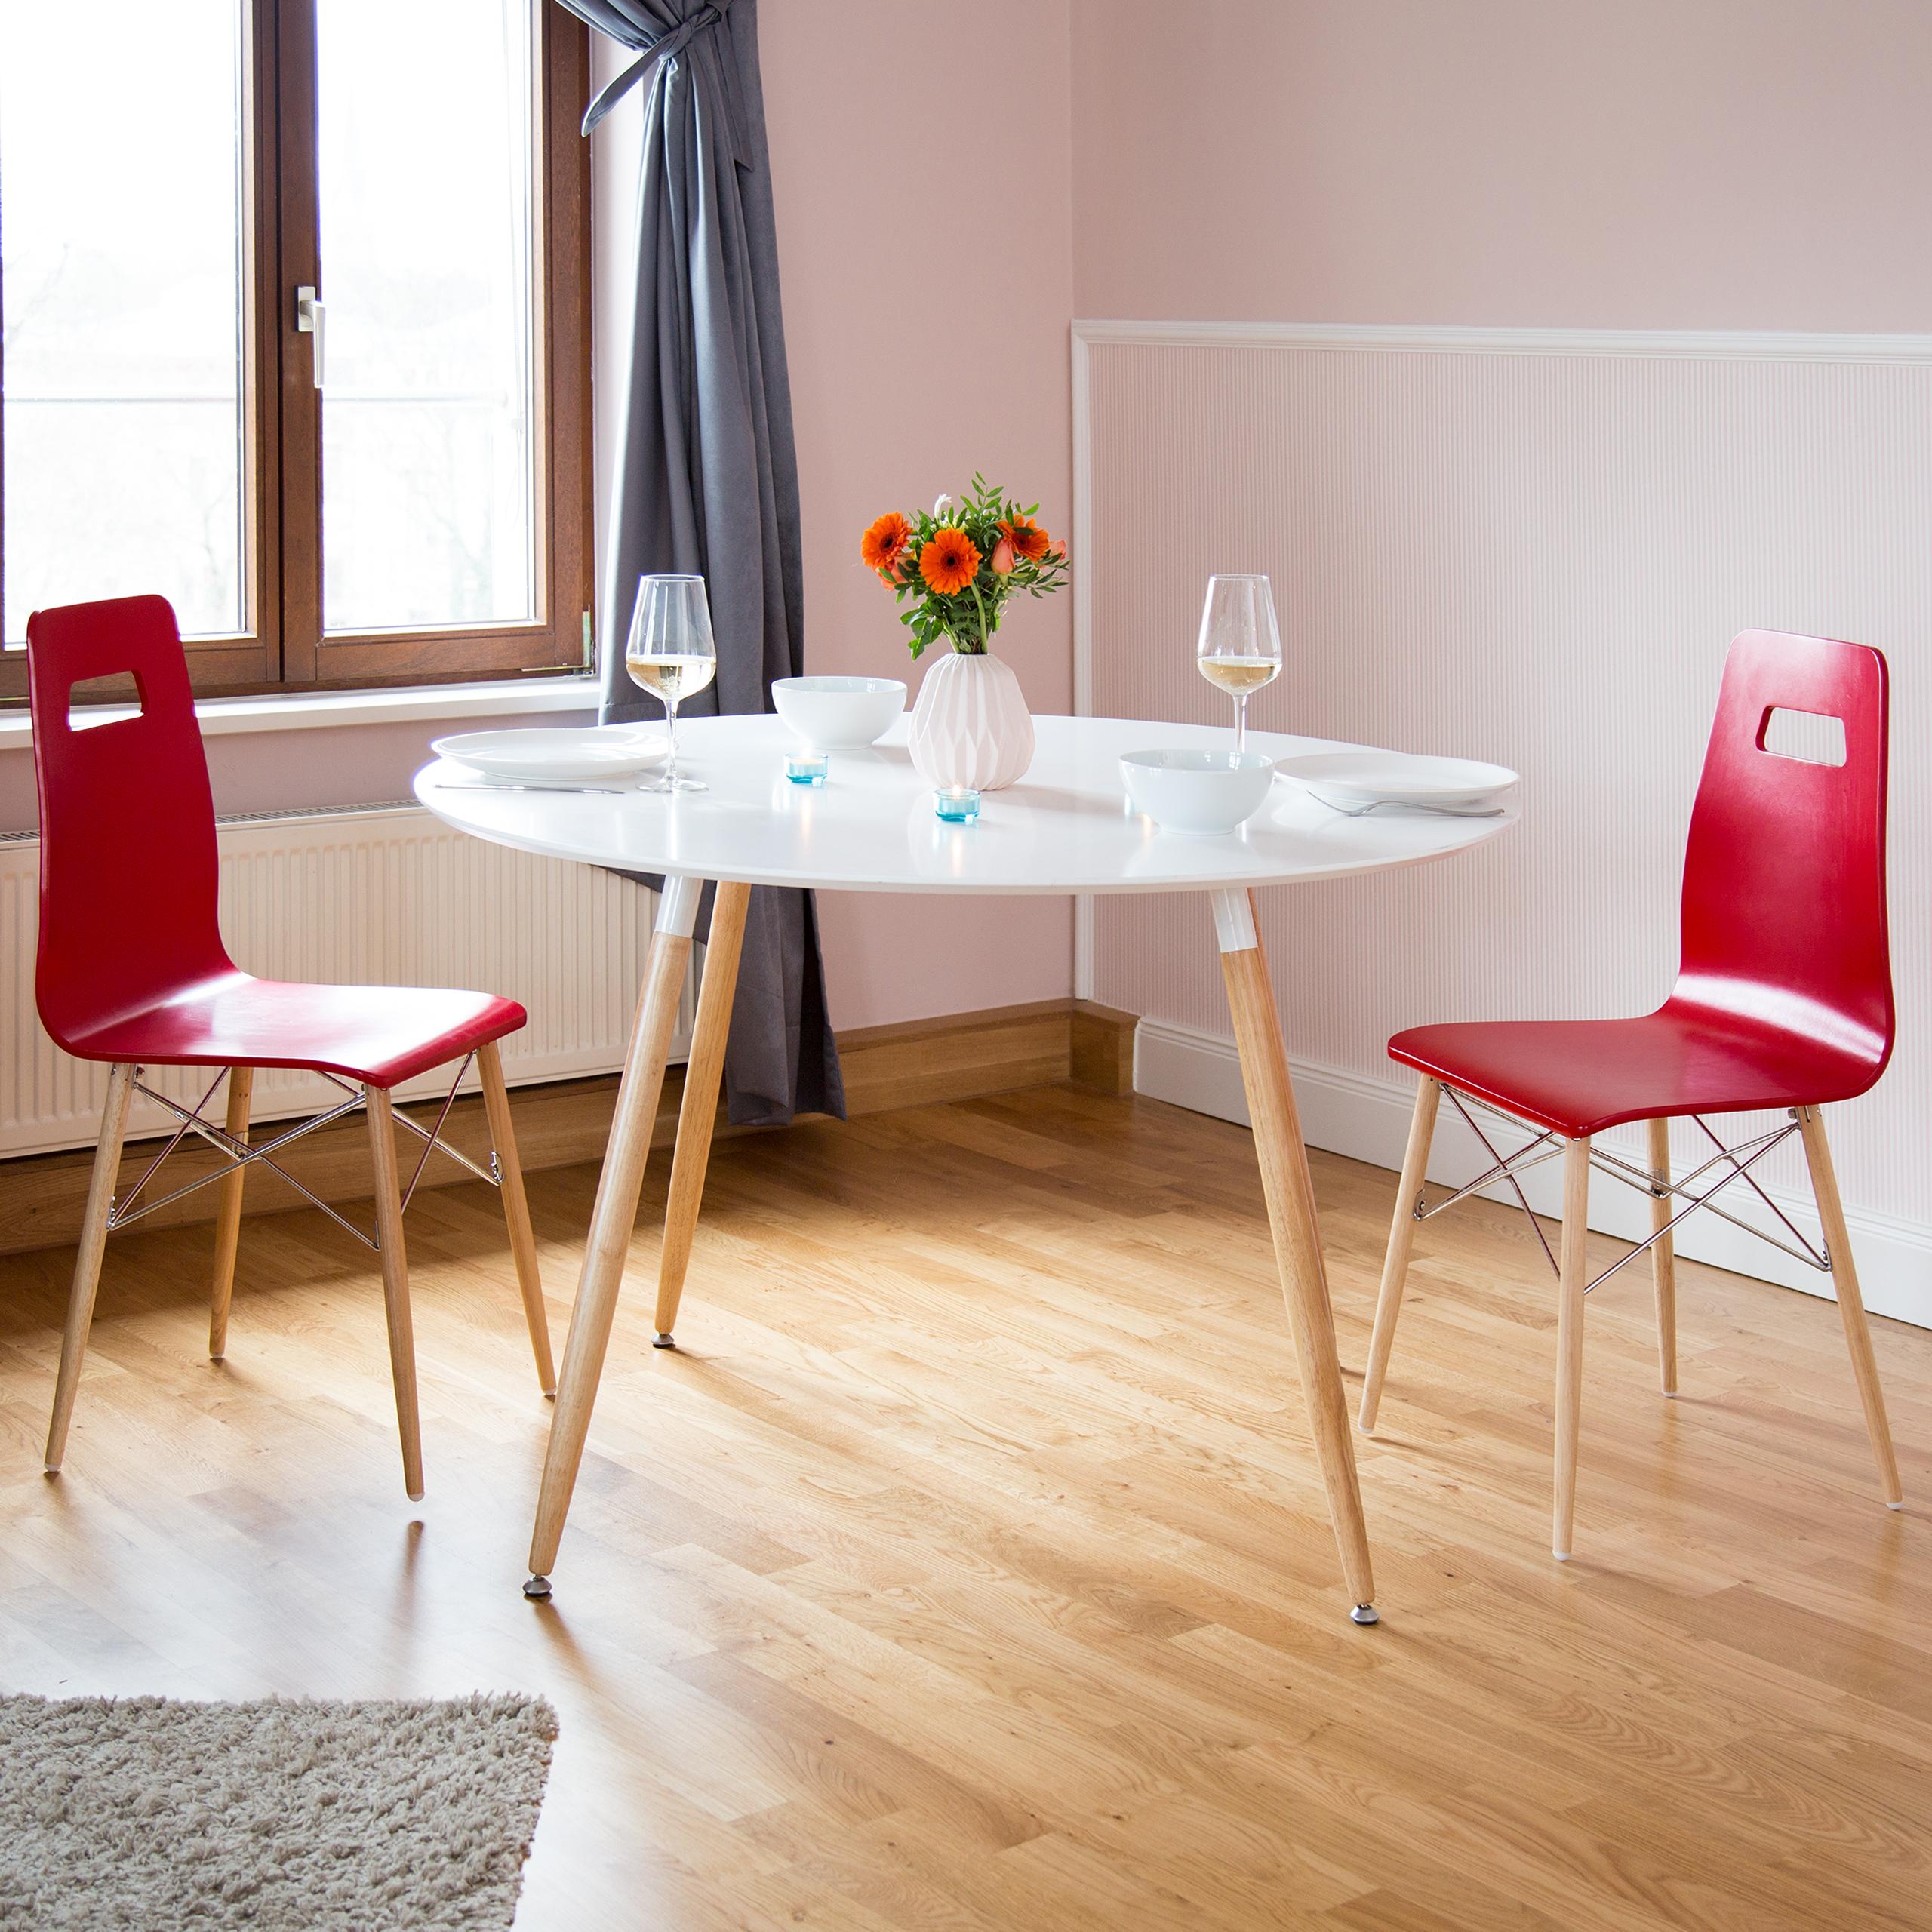 Runder Esstisch Tisch Holztisch Esszimmertisch nordisch